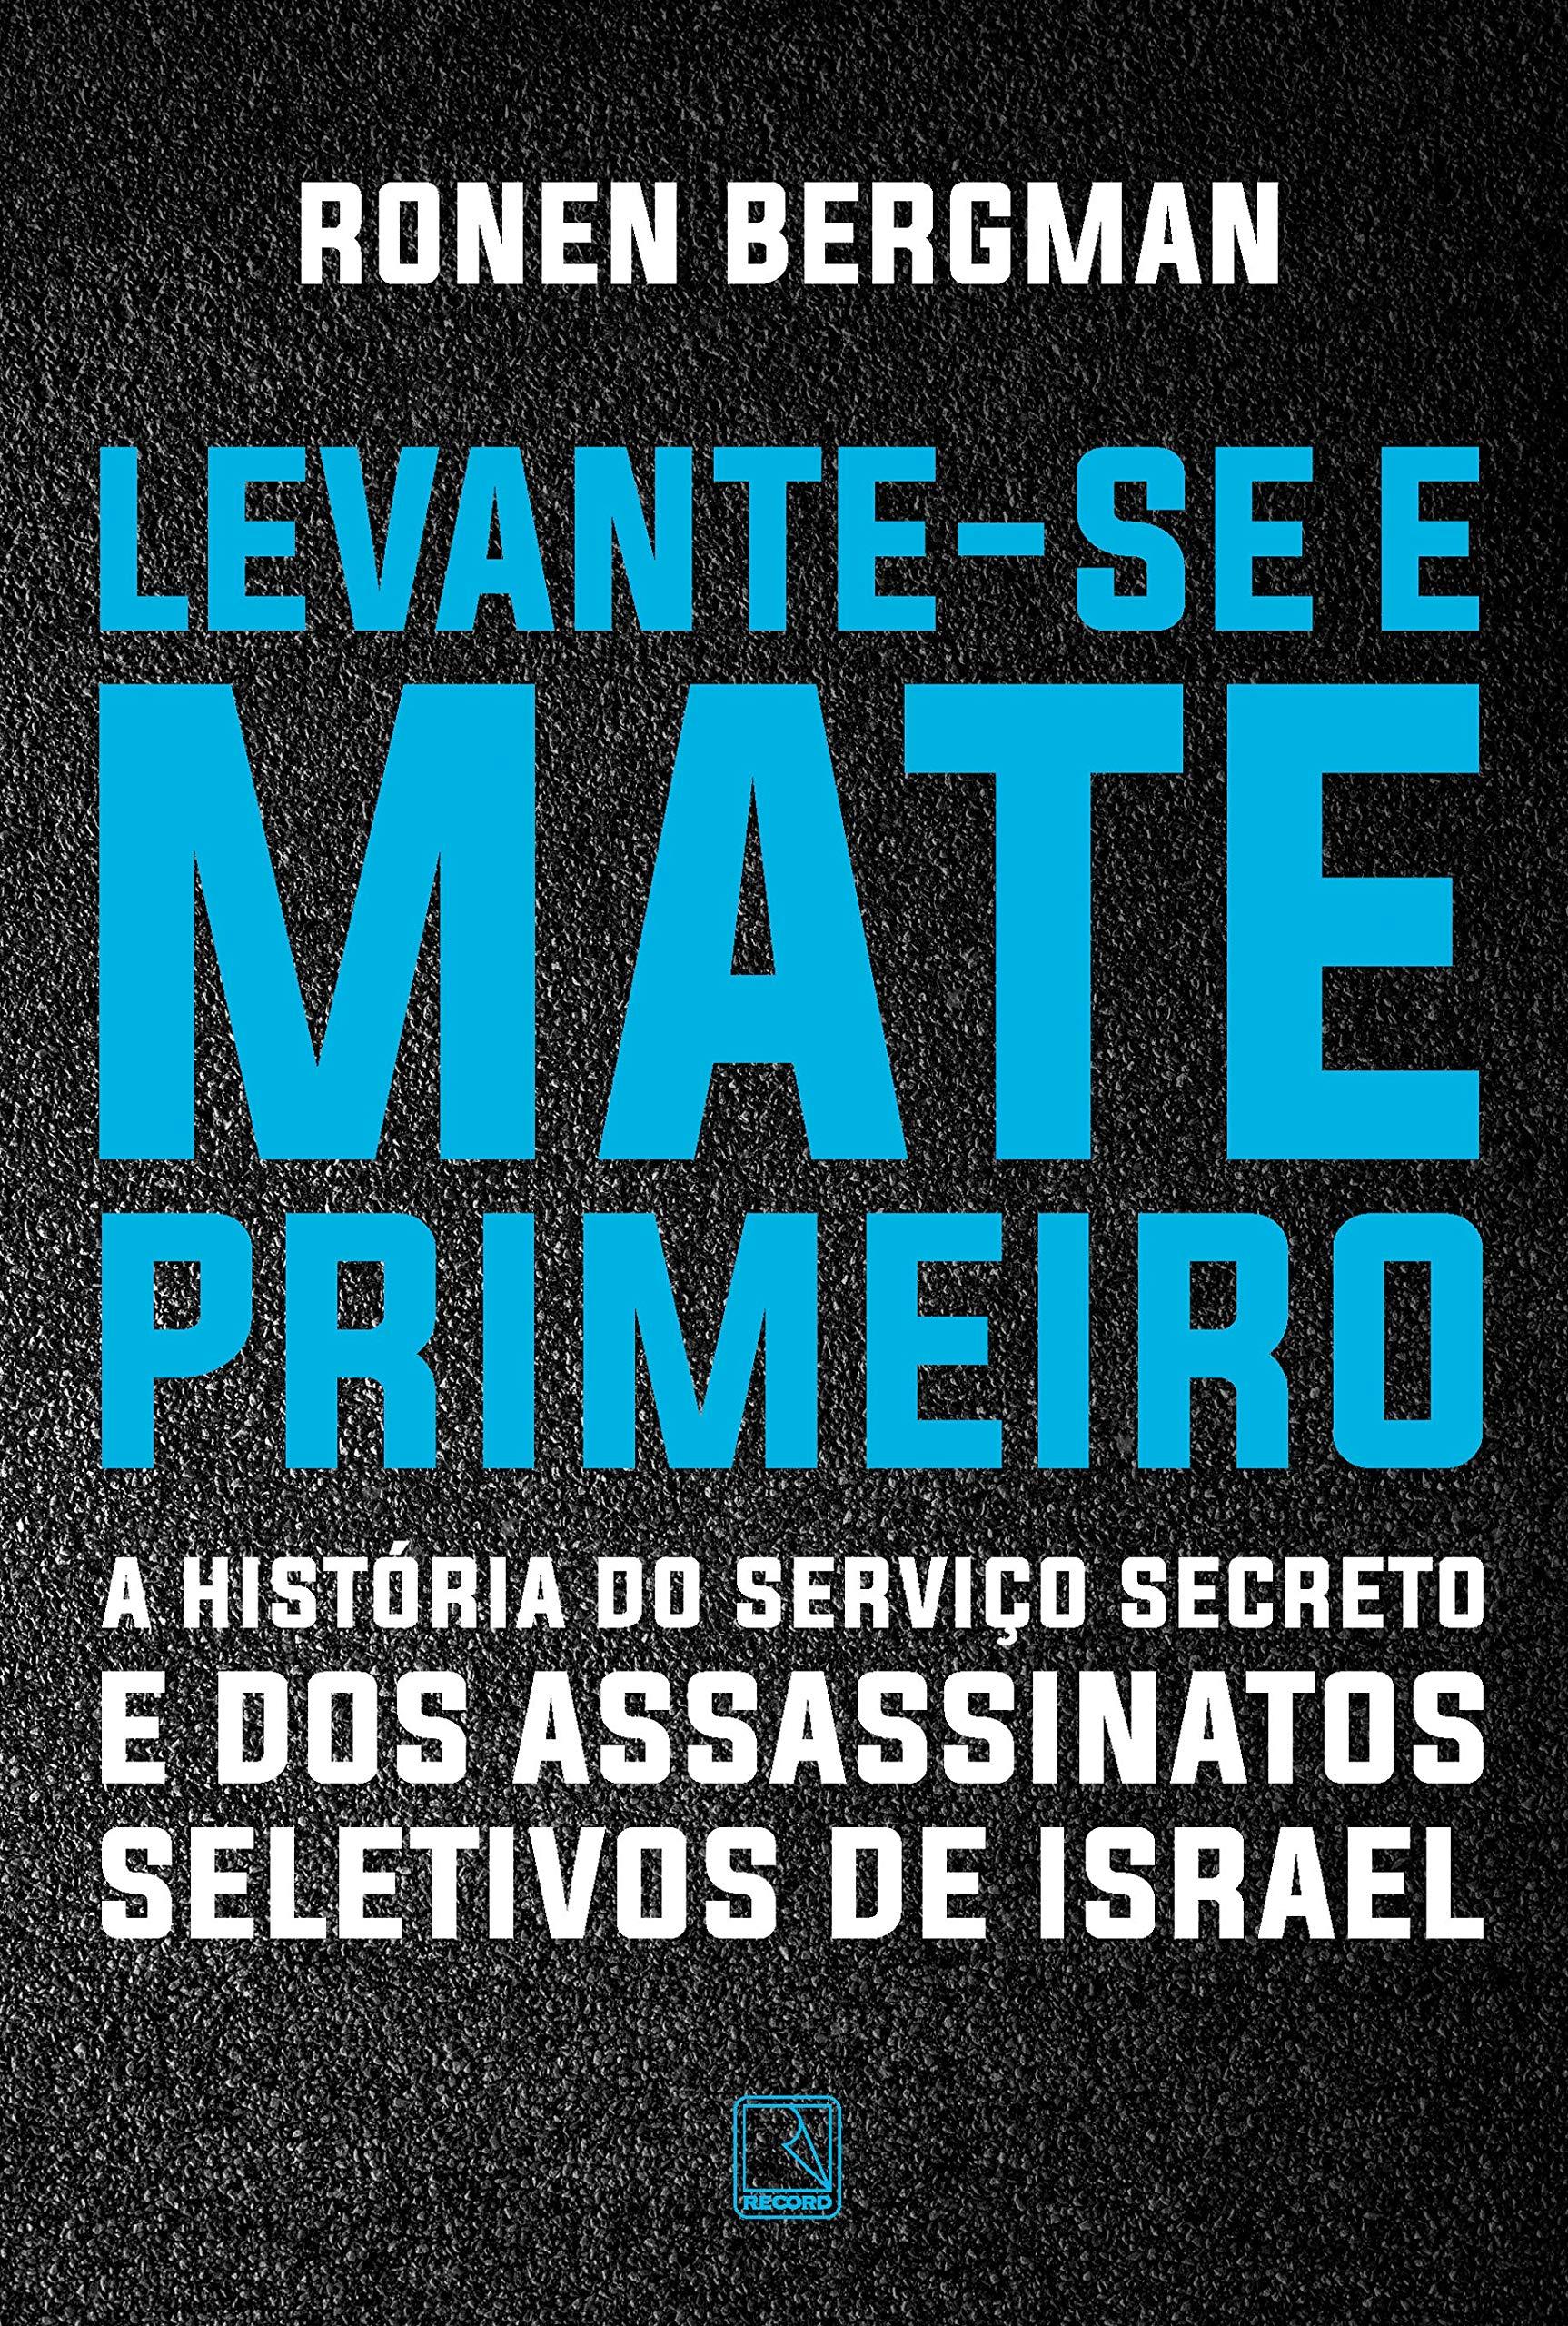 Em Levante-se e mate primeiro, Ronen Bergman traça os arrebatadores eventos e as espinhosas questões éticas subjacentes à campanha de assassinatos seletivos de Israel, que modelou a nação israelense, o Oriente Médio e boa parte do mundo.